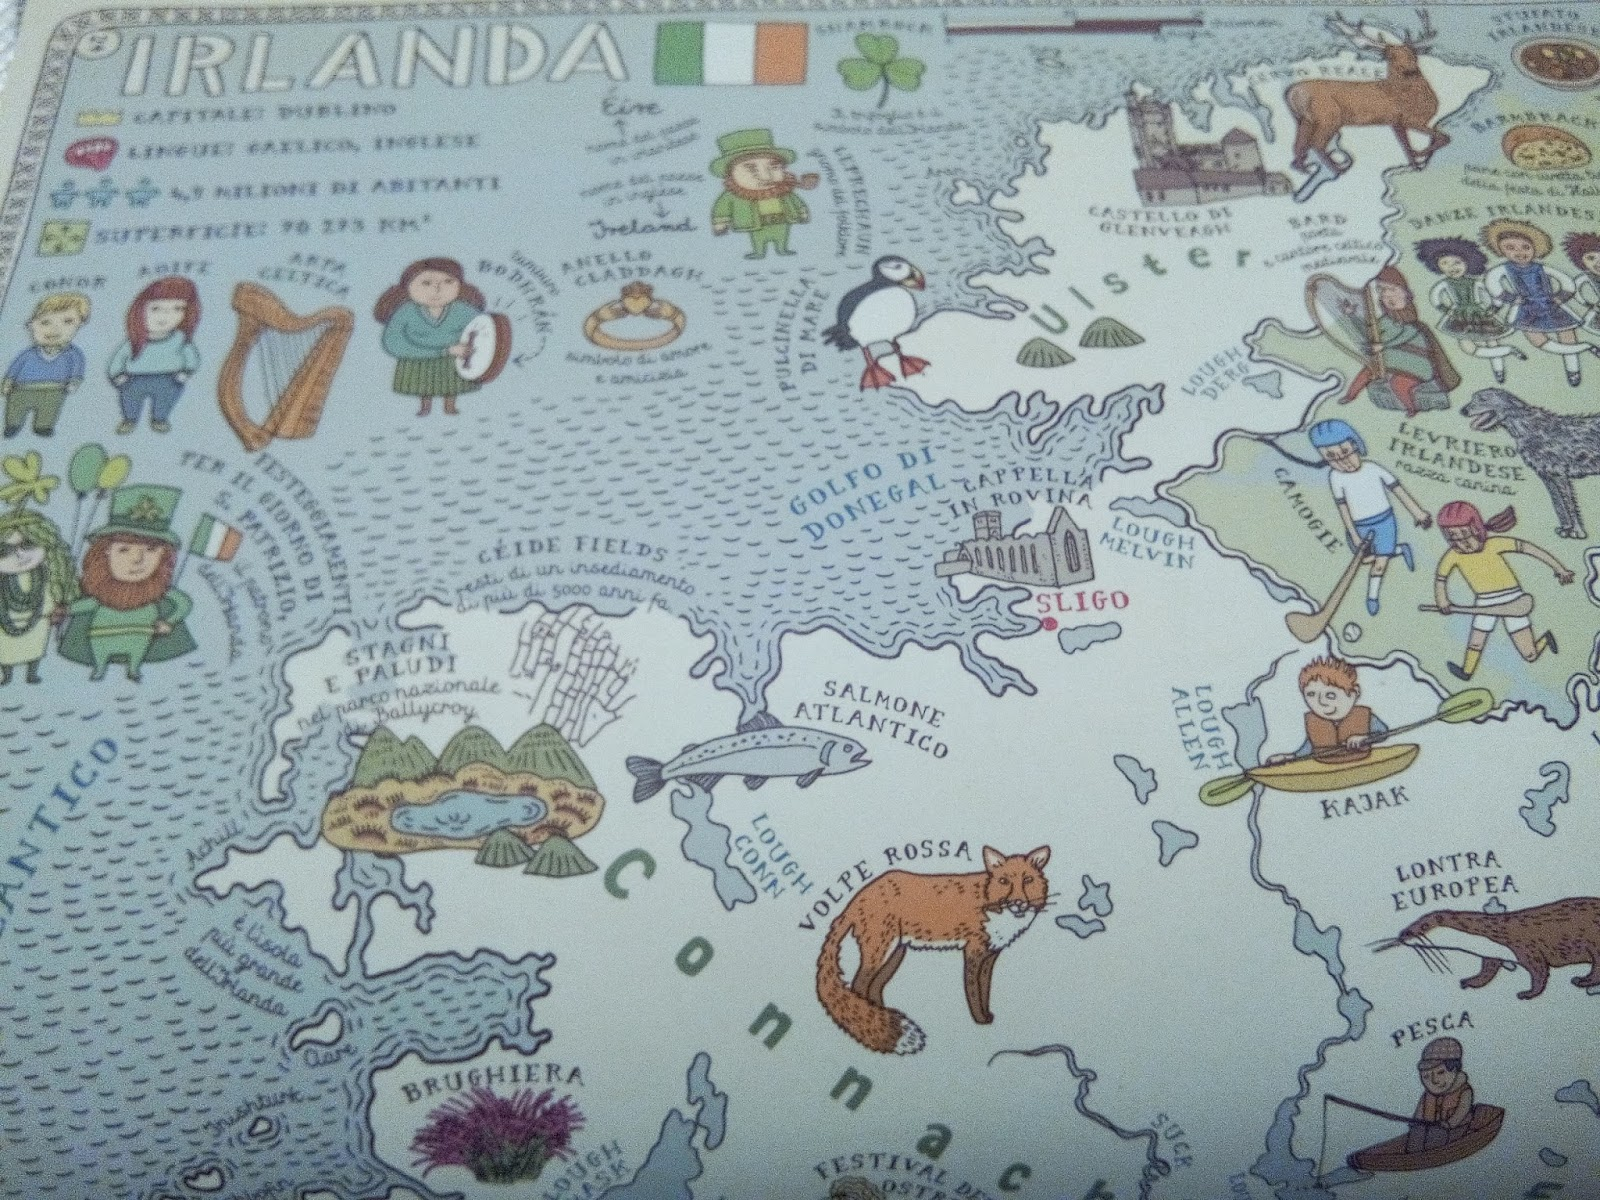 Cartina Slovenia Pdf.Scarica Guida Turistica Slovenia Pdf Gratis